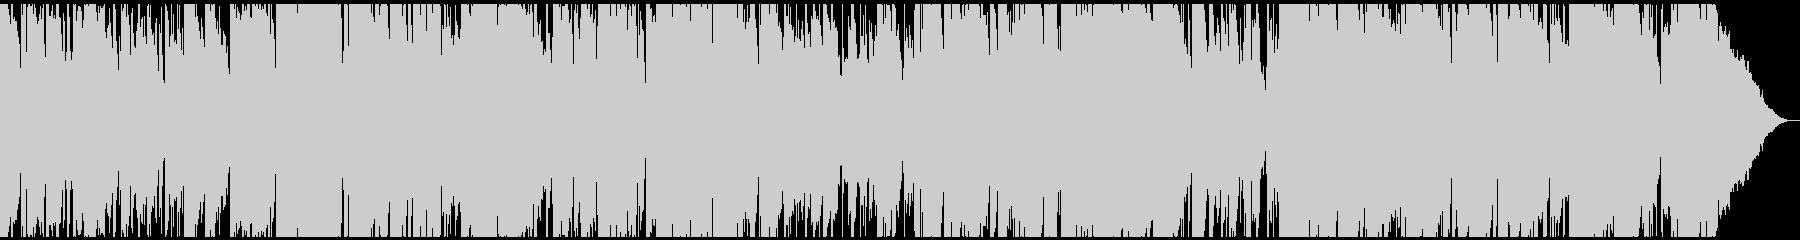 生演奏ソプラノサックスの大人バラードの未再生の波形